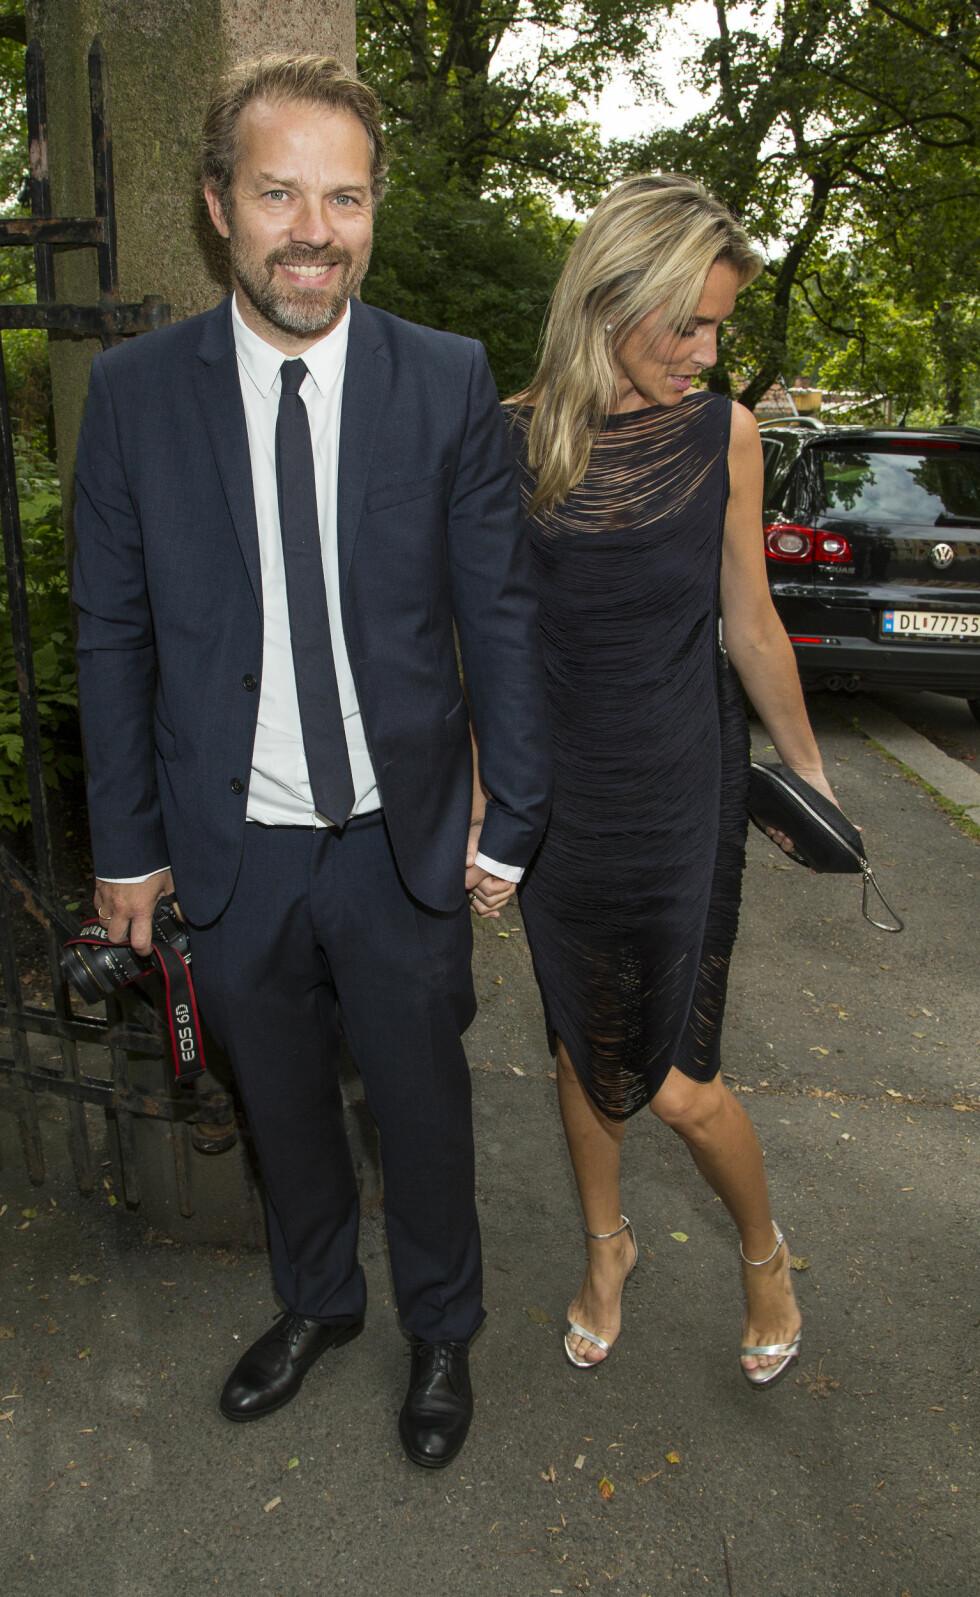 OGSÅ NYGIFT: Christian Skolmen og Isabel Ødegård giftet seg forrige helg. Da var det Trond og Lena Kristin som var bryllupsgjester!  Foto: Tor Lindseth